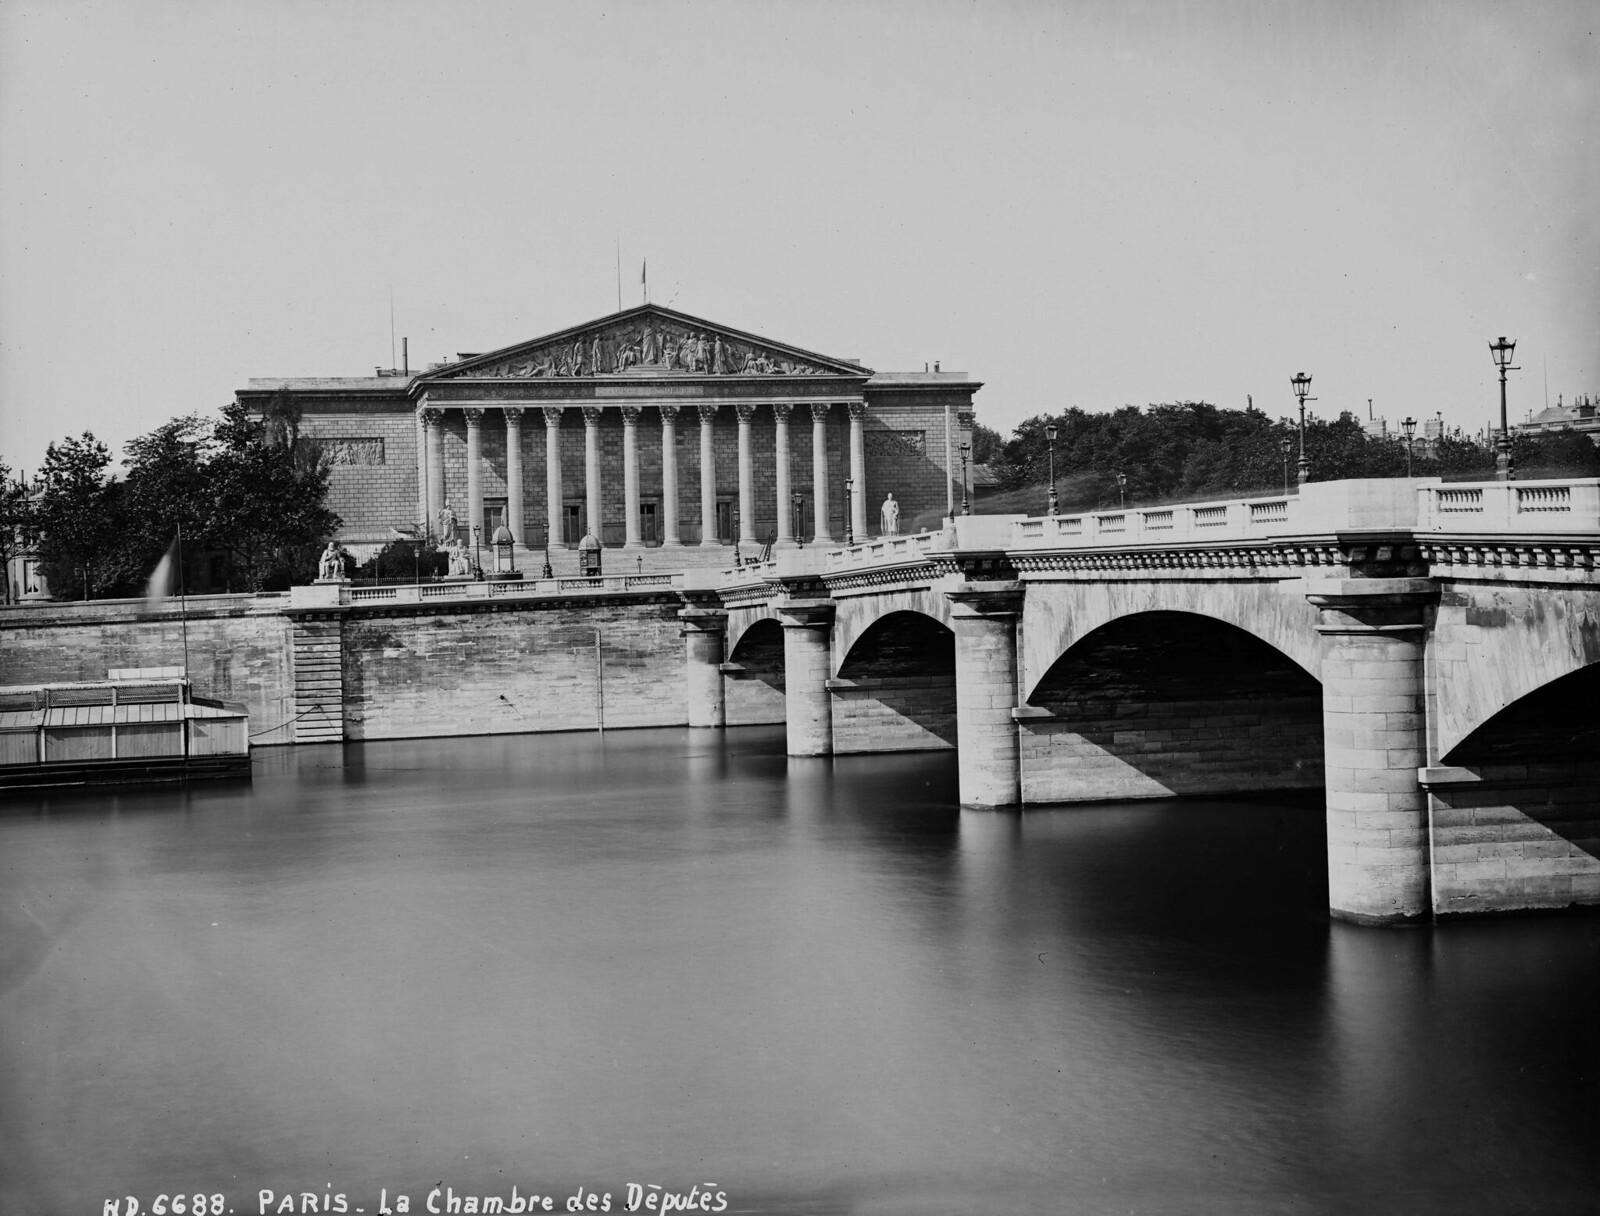 1865. Париж (VII округ). Вид на здание палаты депутатов и мост Согласия.